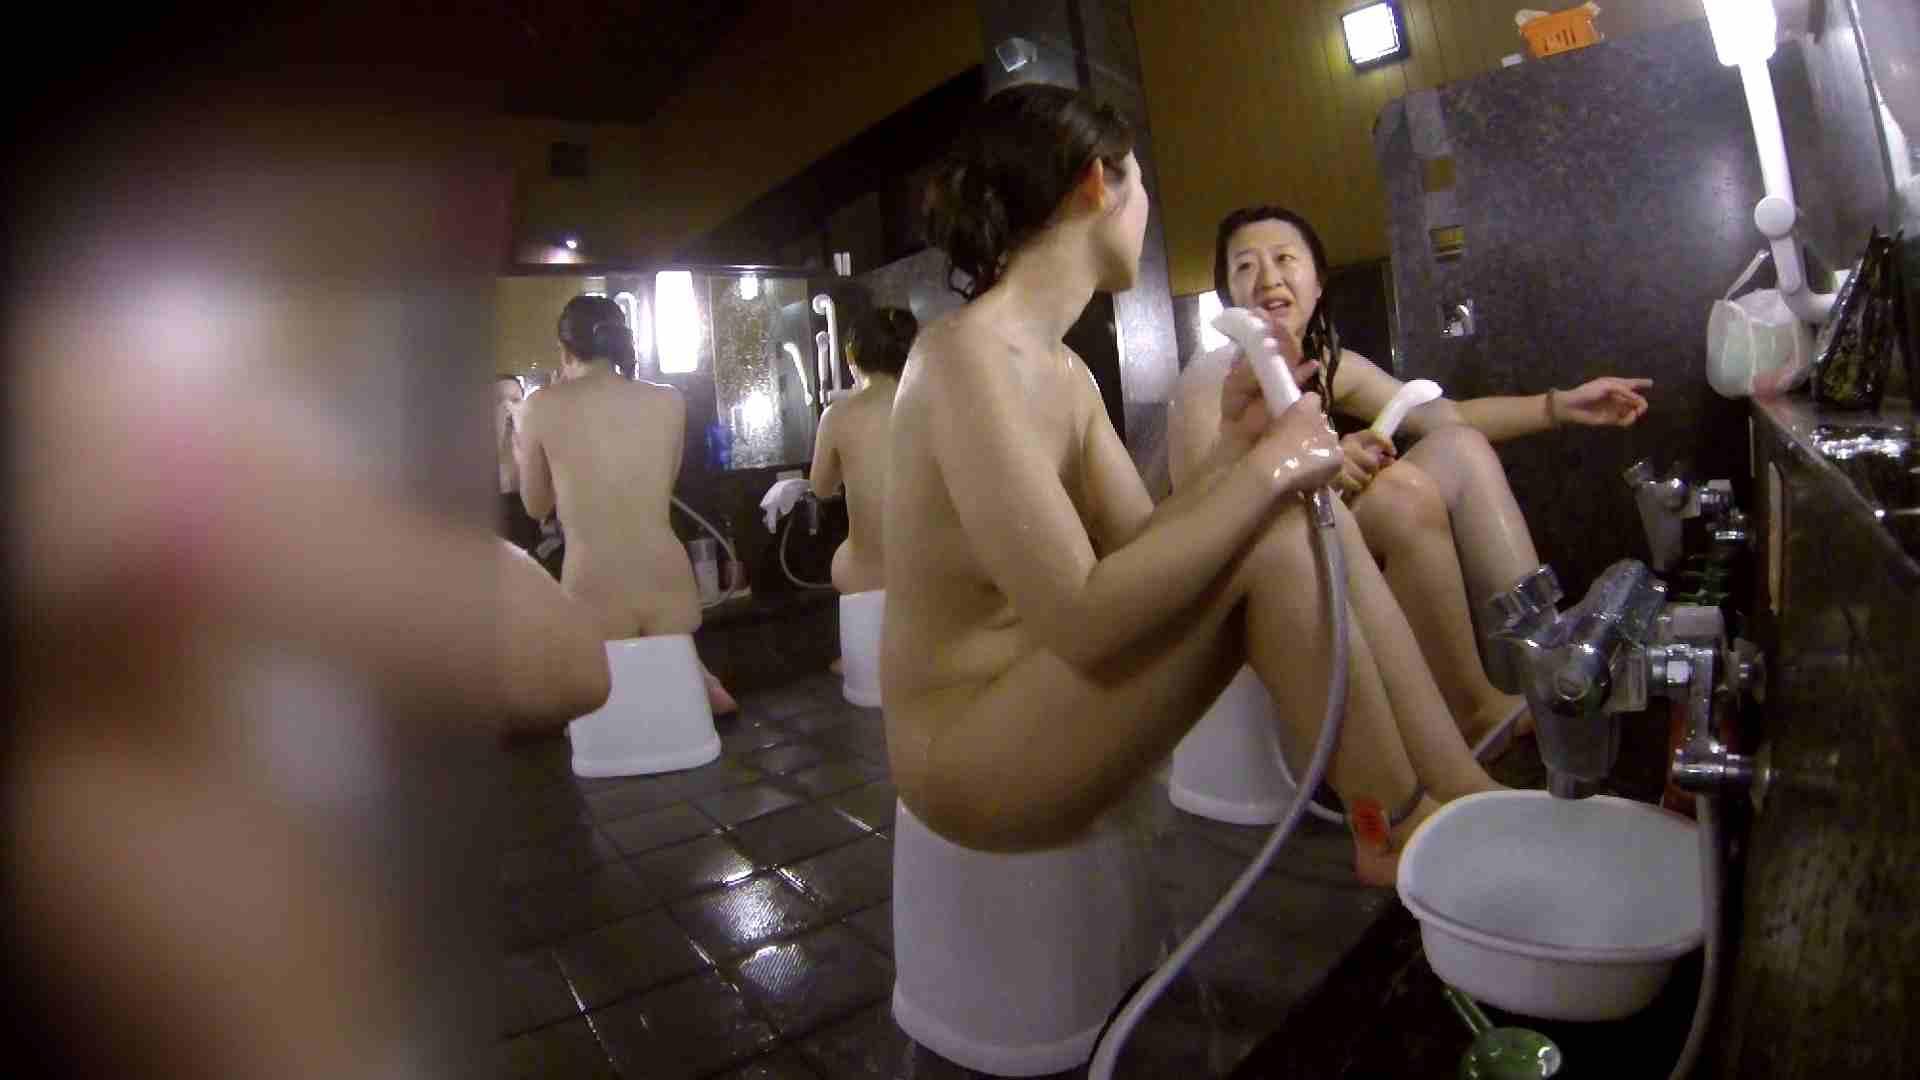 おまんこ:洗い場!地味目の女の子2人組。ずっと話しながら洗ってます。:怪盗ジョーカー